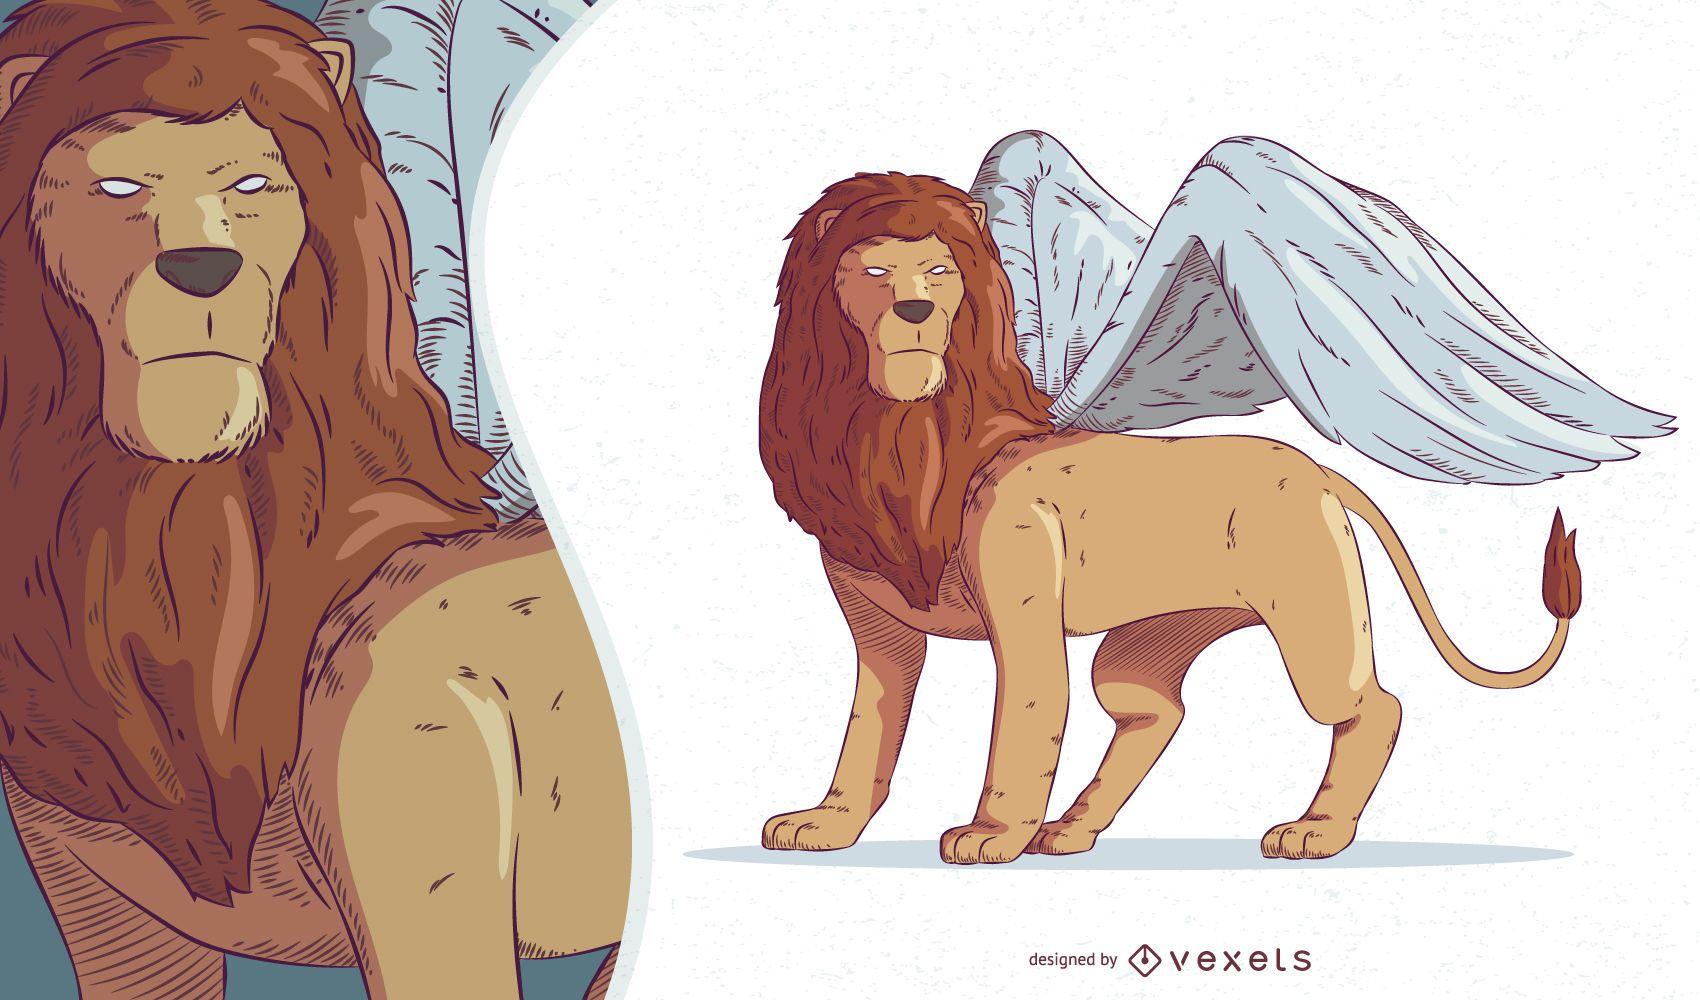 Ilustración de criatura mítica quimera